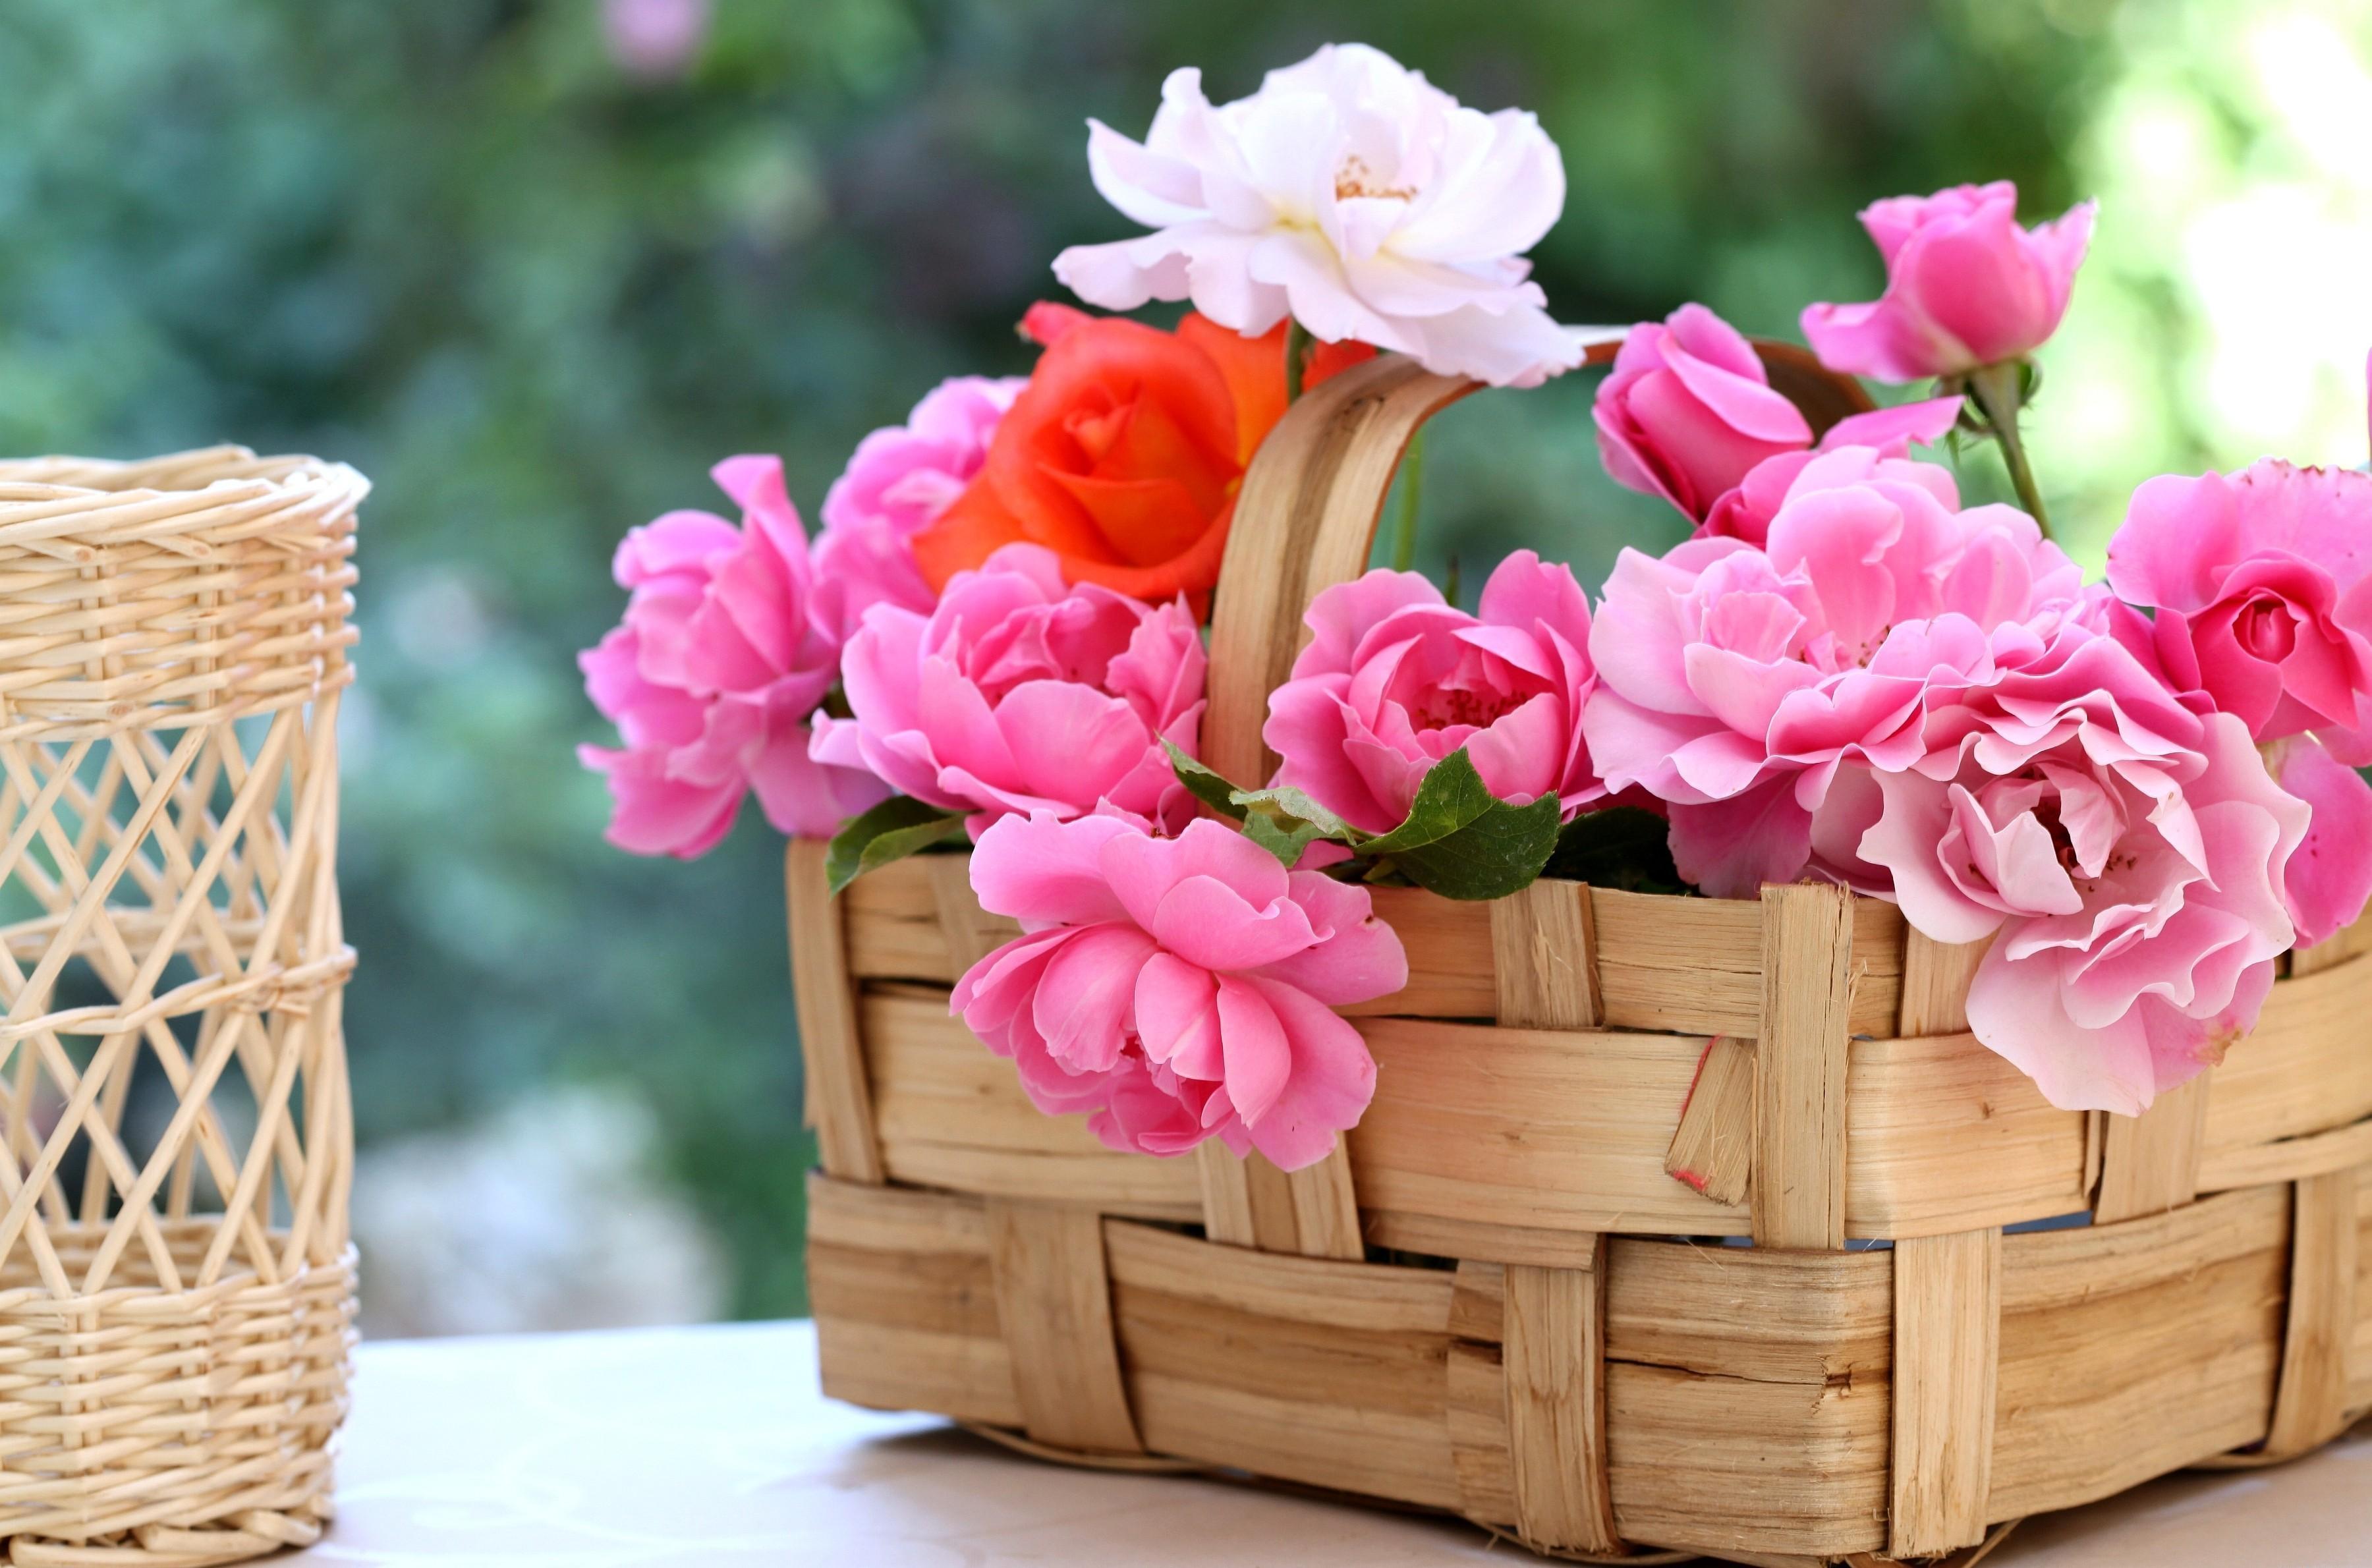 гифы цветы фото макро в корзинках раздевалке, вошел